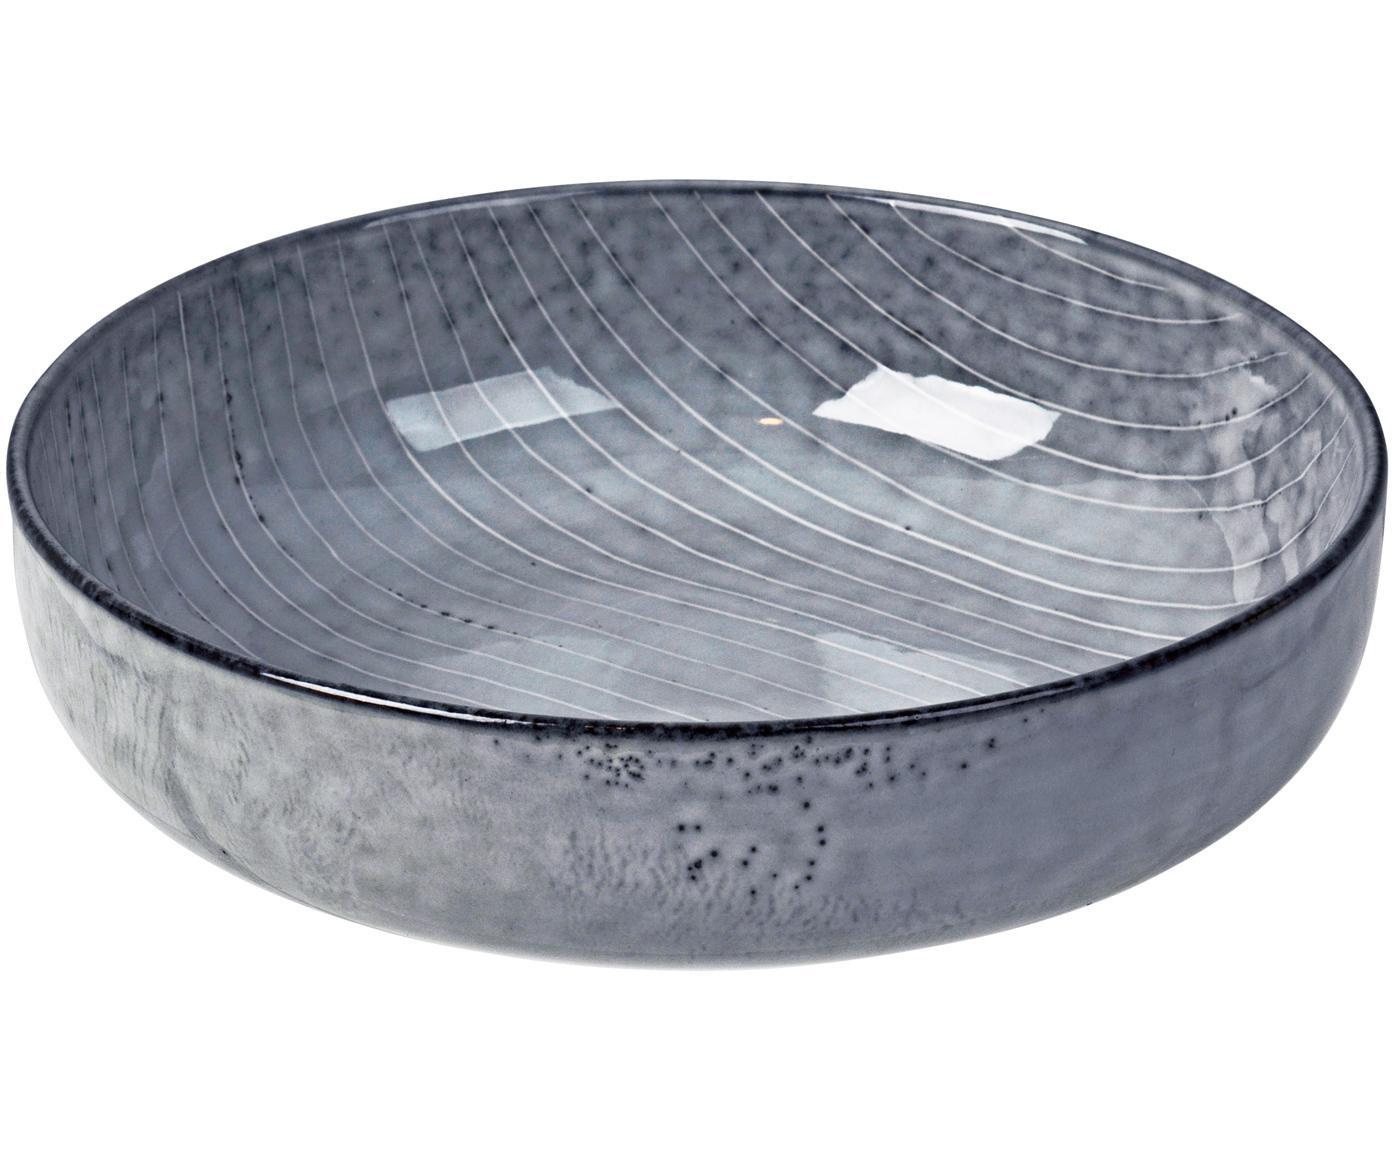 Handgemachte Schalen Nordic Sea Ø 17 cm aus Steingut, 4 Stück, Steingut, Grau- und Blautöne, Ø 17 cm